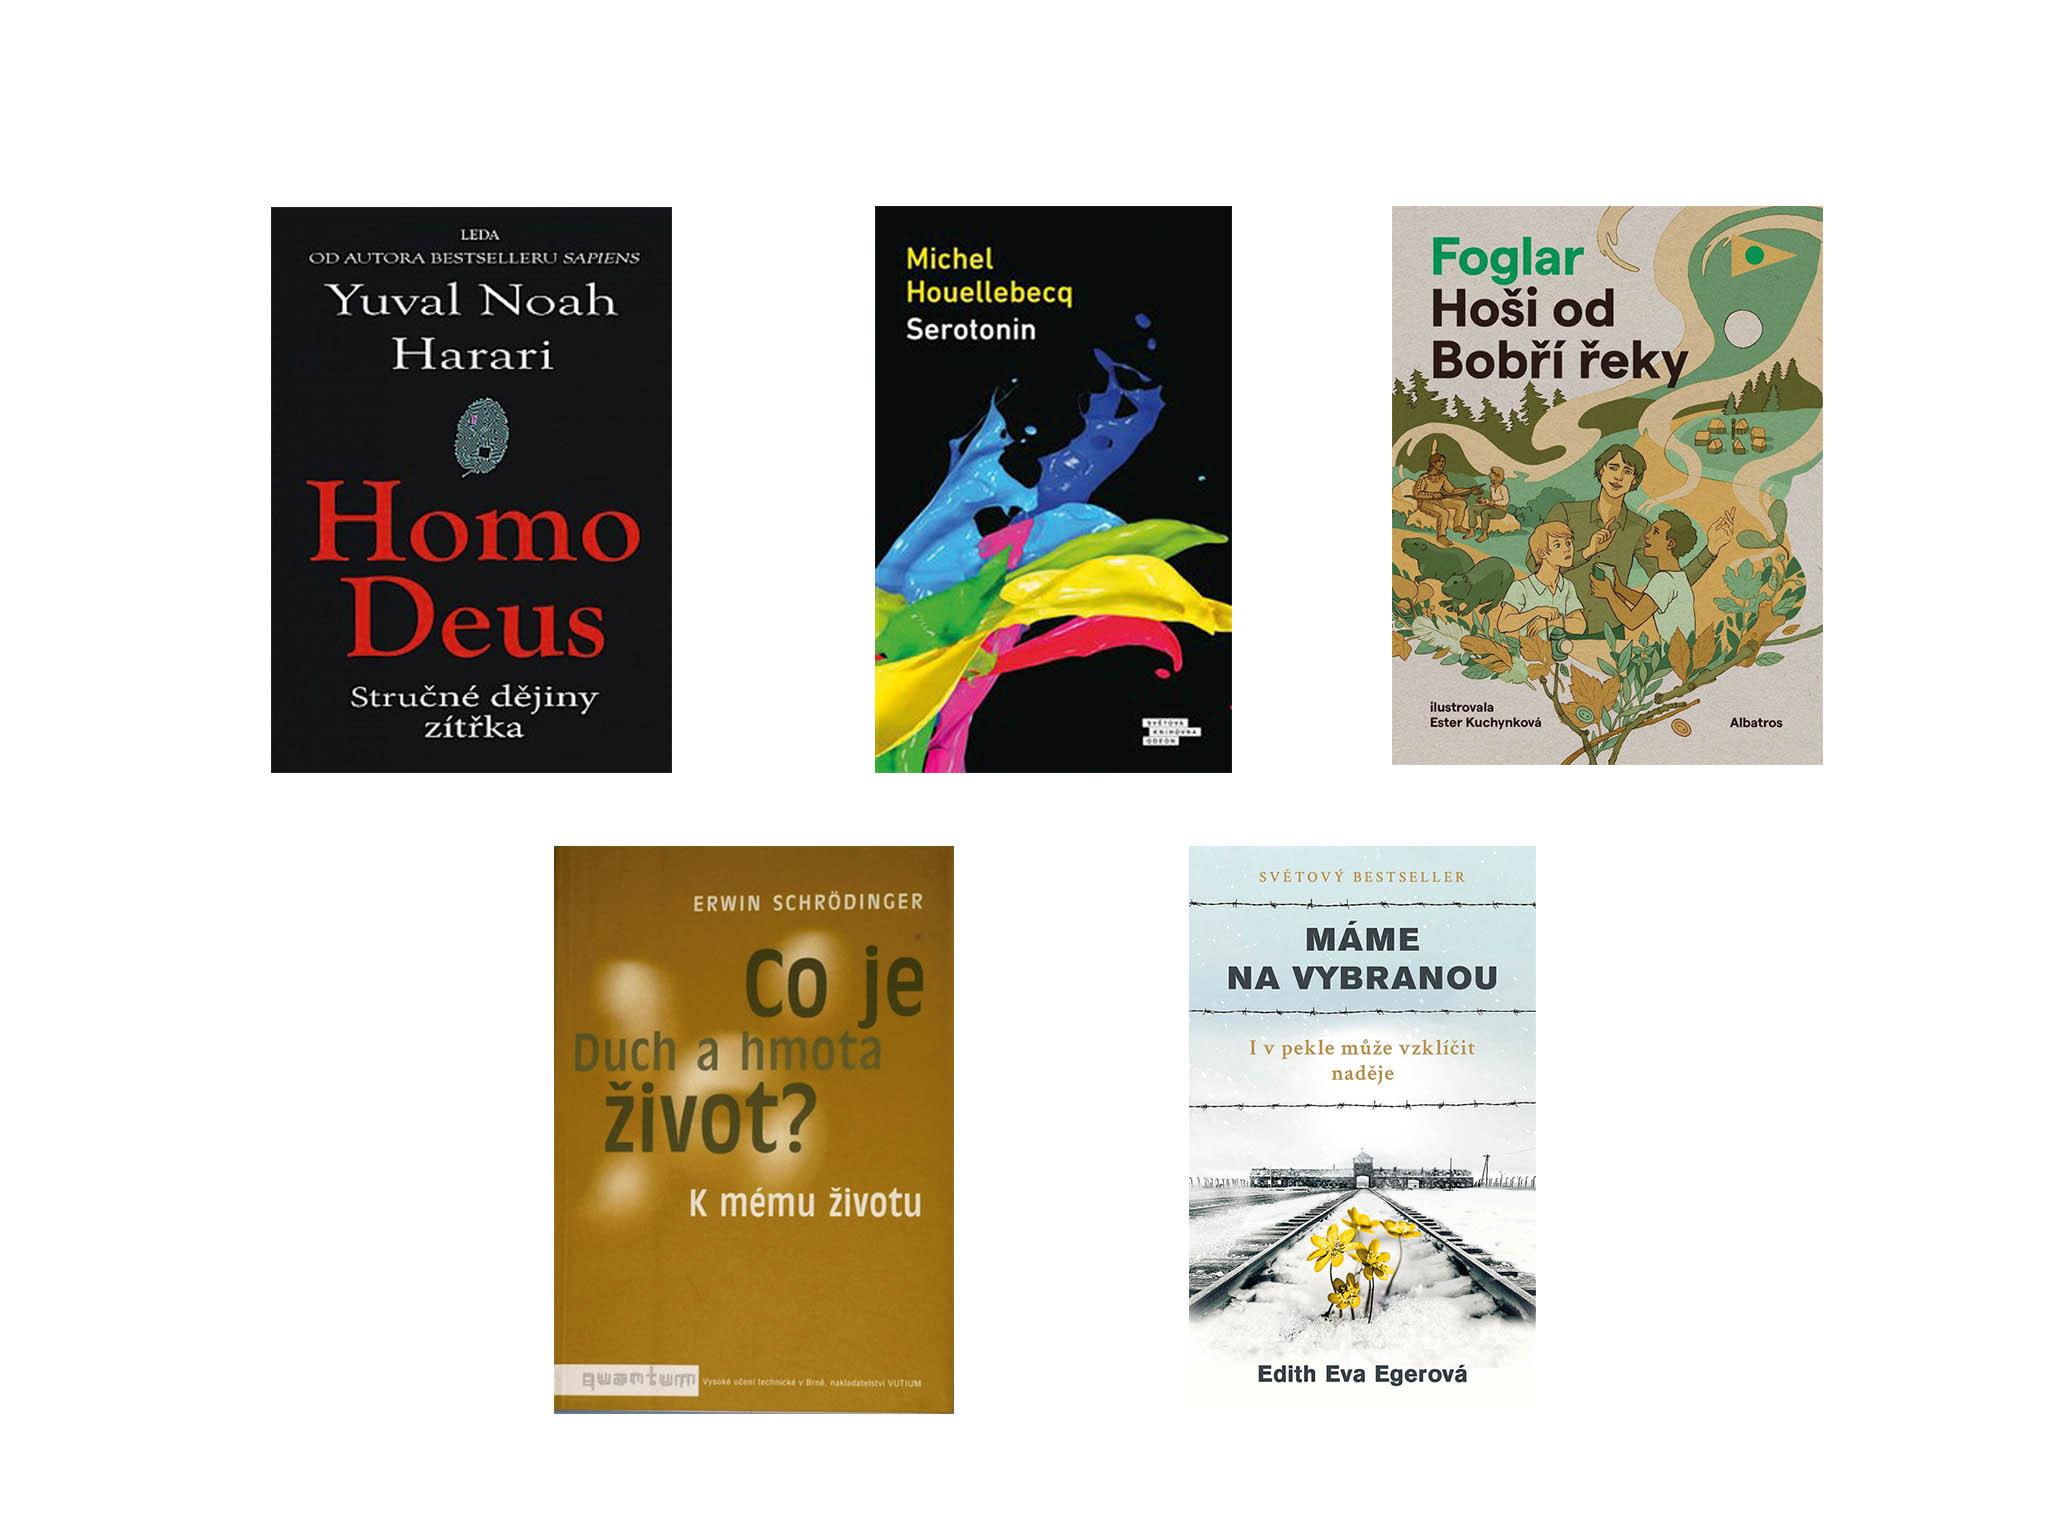 Co čte spisovatel a majitel nakladatelství Práh Martin Vopěnka